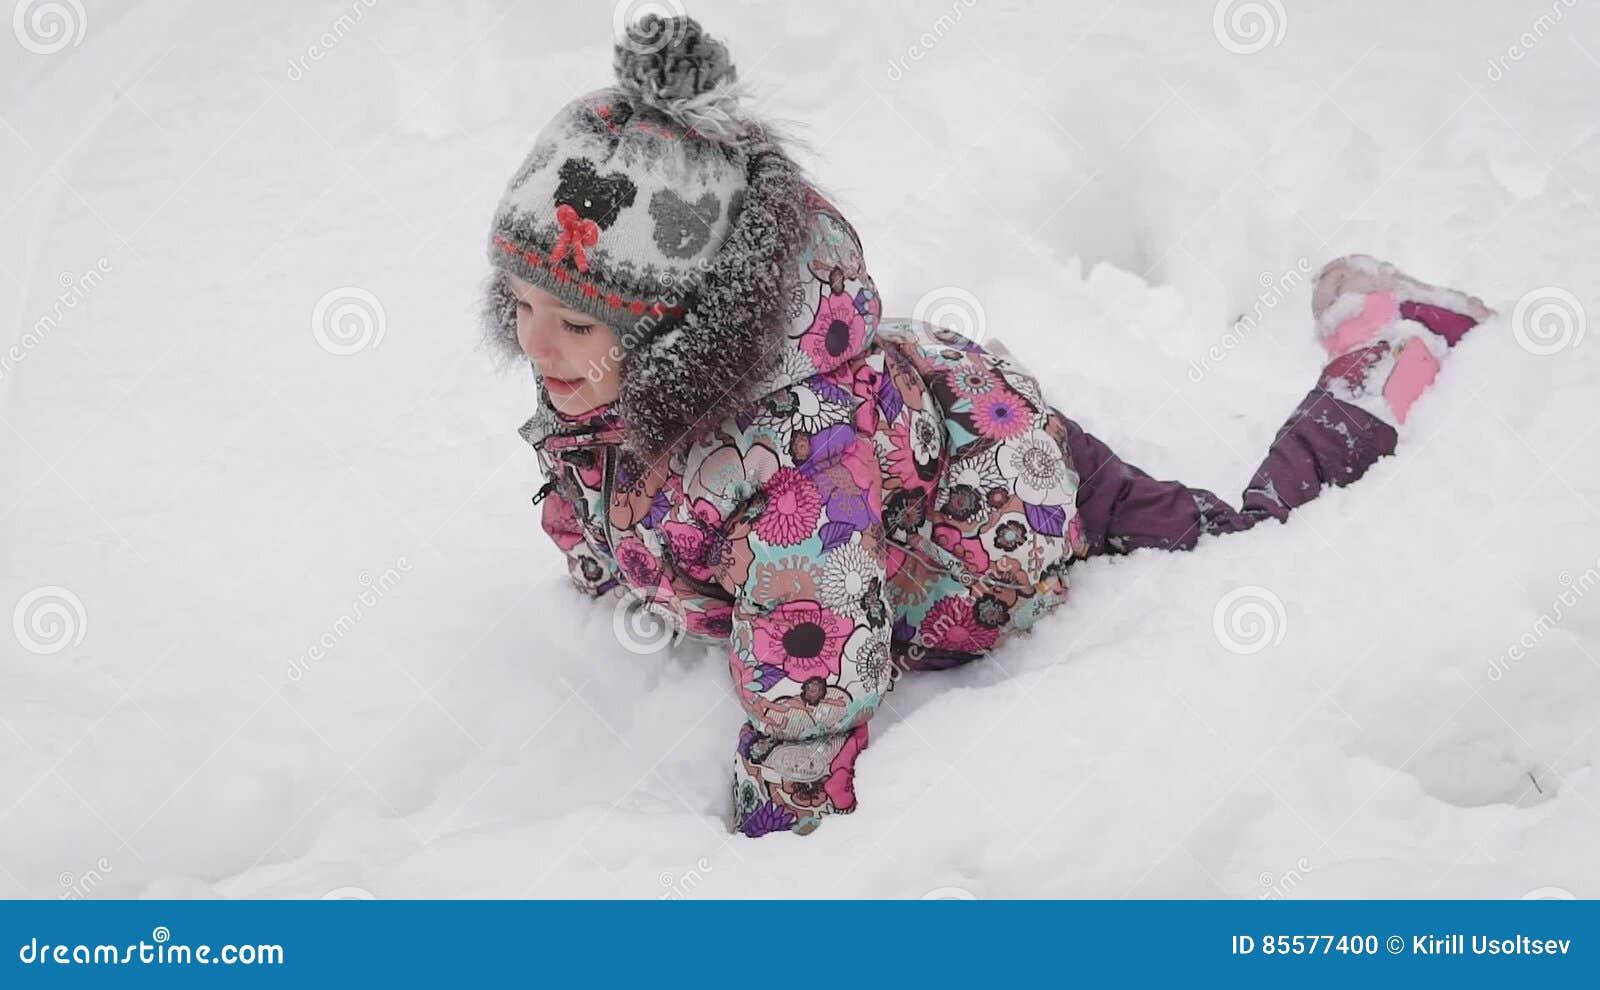 Avec Pompon Fille Rose Un Neige Habillée ChaussureUne Le Est Dupant Lumineuse La Petite Dans Et Autour Veste Chapeau 6gvf7Yyb